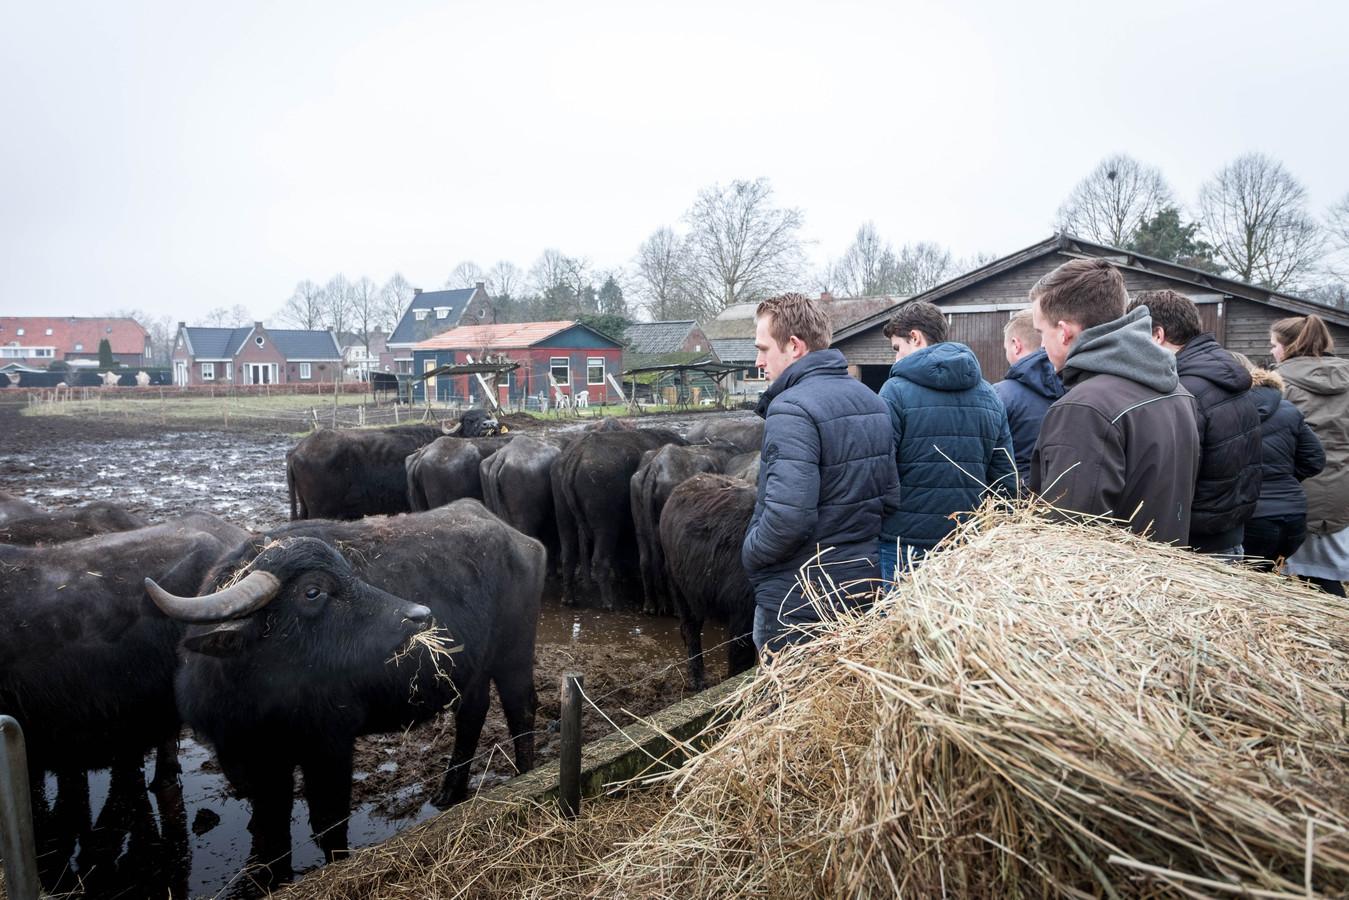 Leerlingen van Helicon in Boxtel bezochten dinsdagmiddag buffelboerderij de Stoerderij in Breugel.